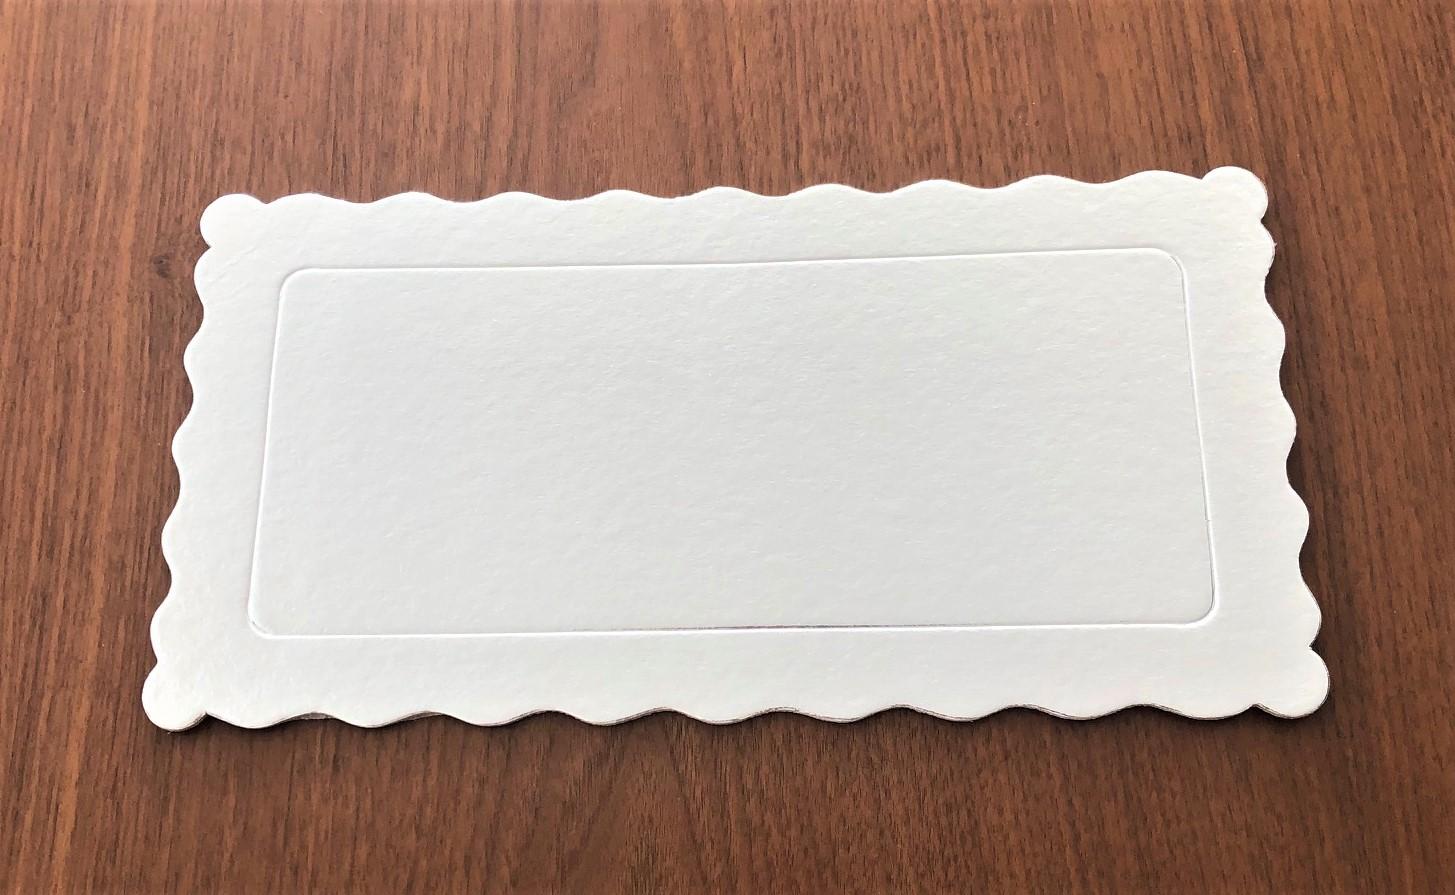 100 Bases Laminadas Para Bolo Retangular, Cake Board 29x15cm - Branco